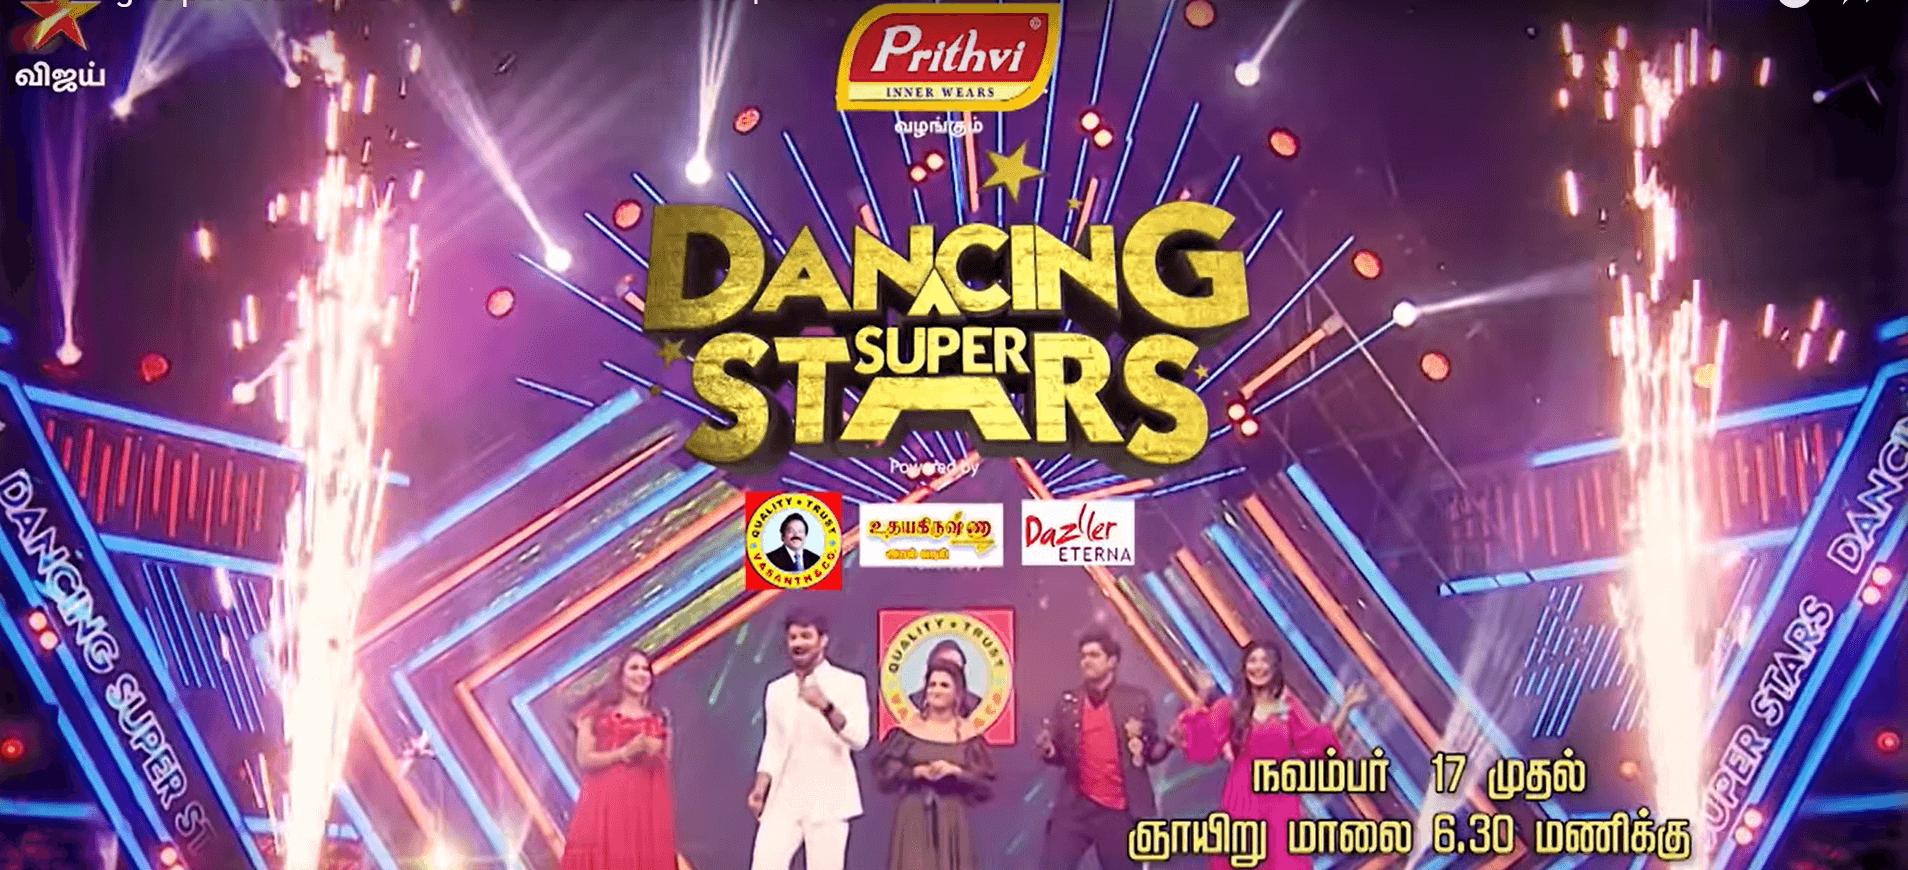 Dancing Super Stars Show Vijay TV